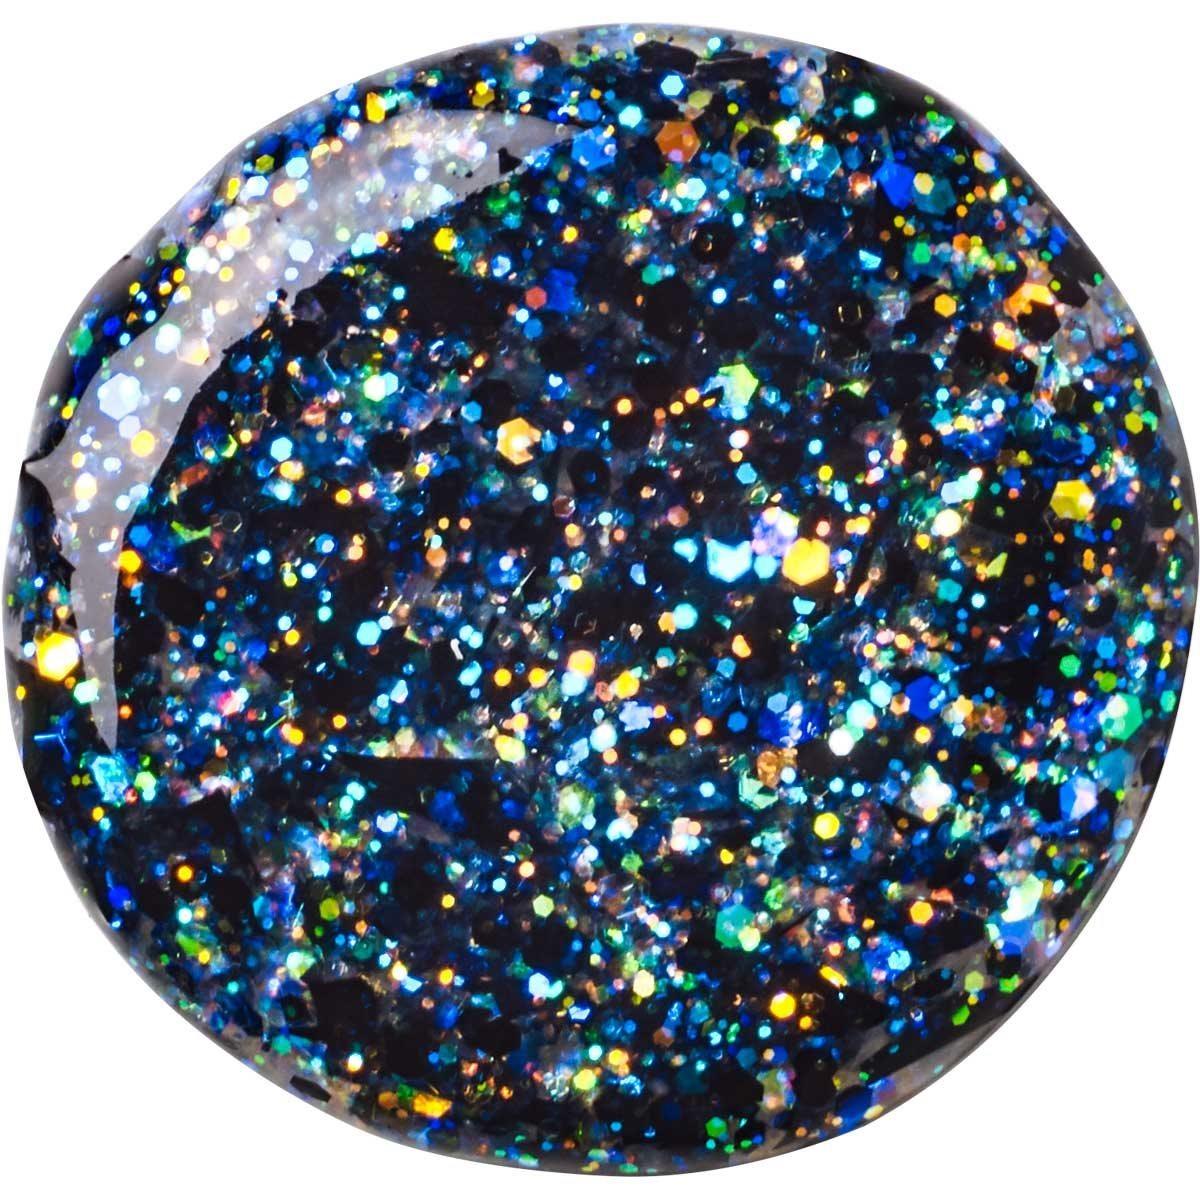 FolkArt ® Glitterific™ Acrylic Paint - Black Opal, 2 oz.